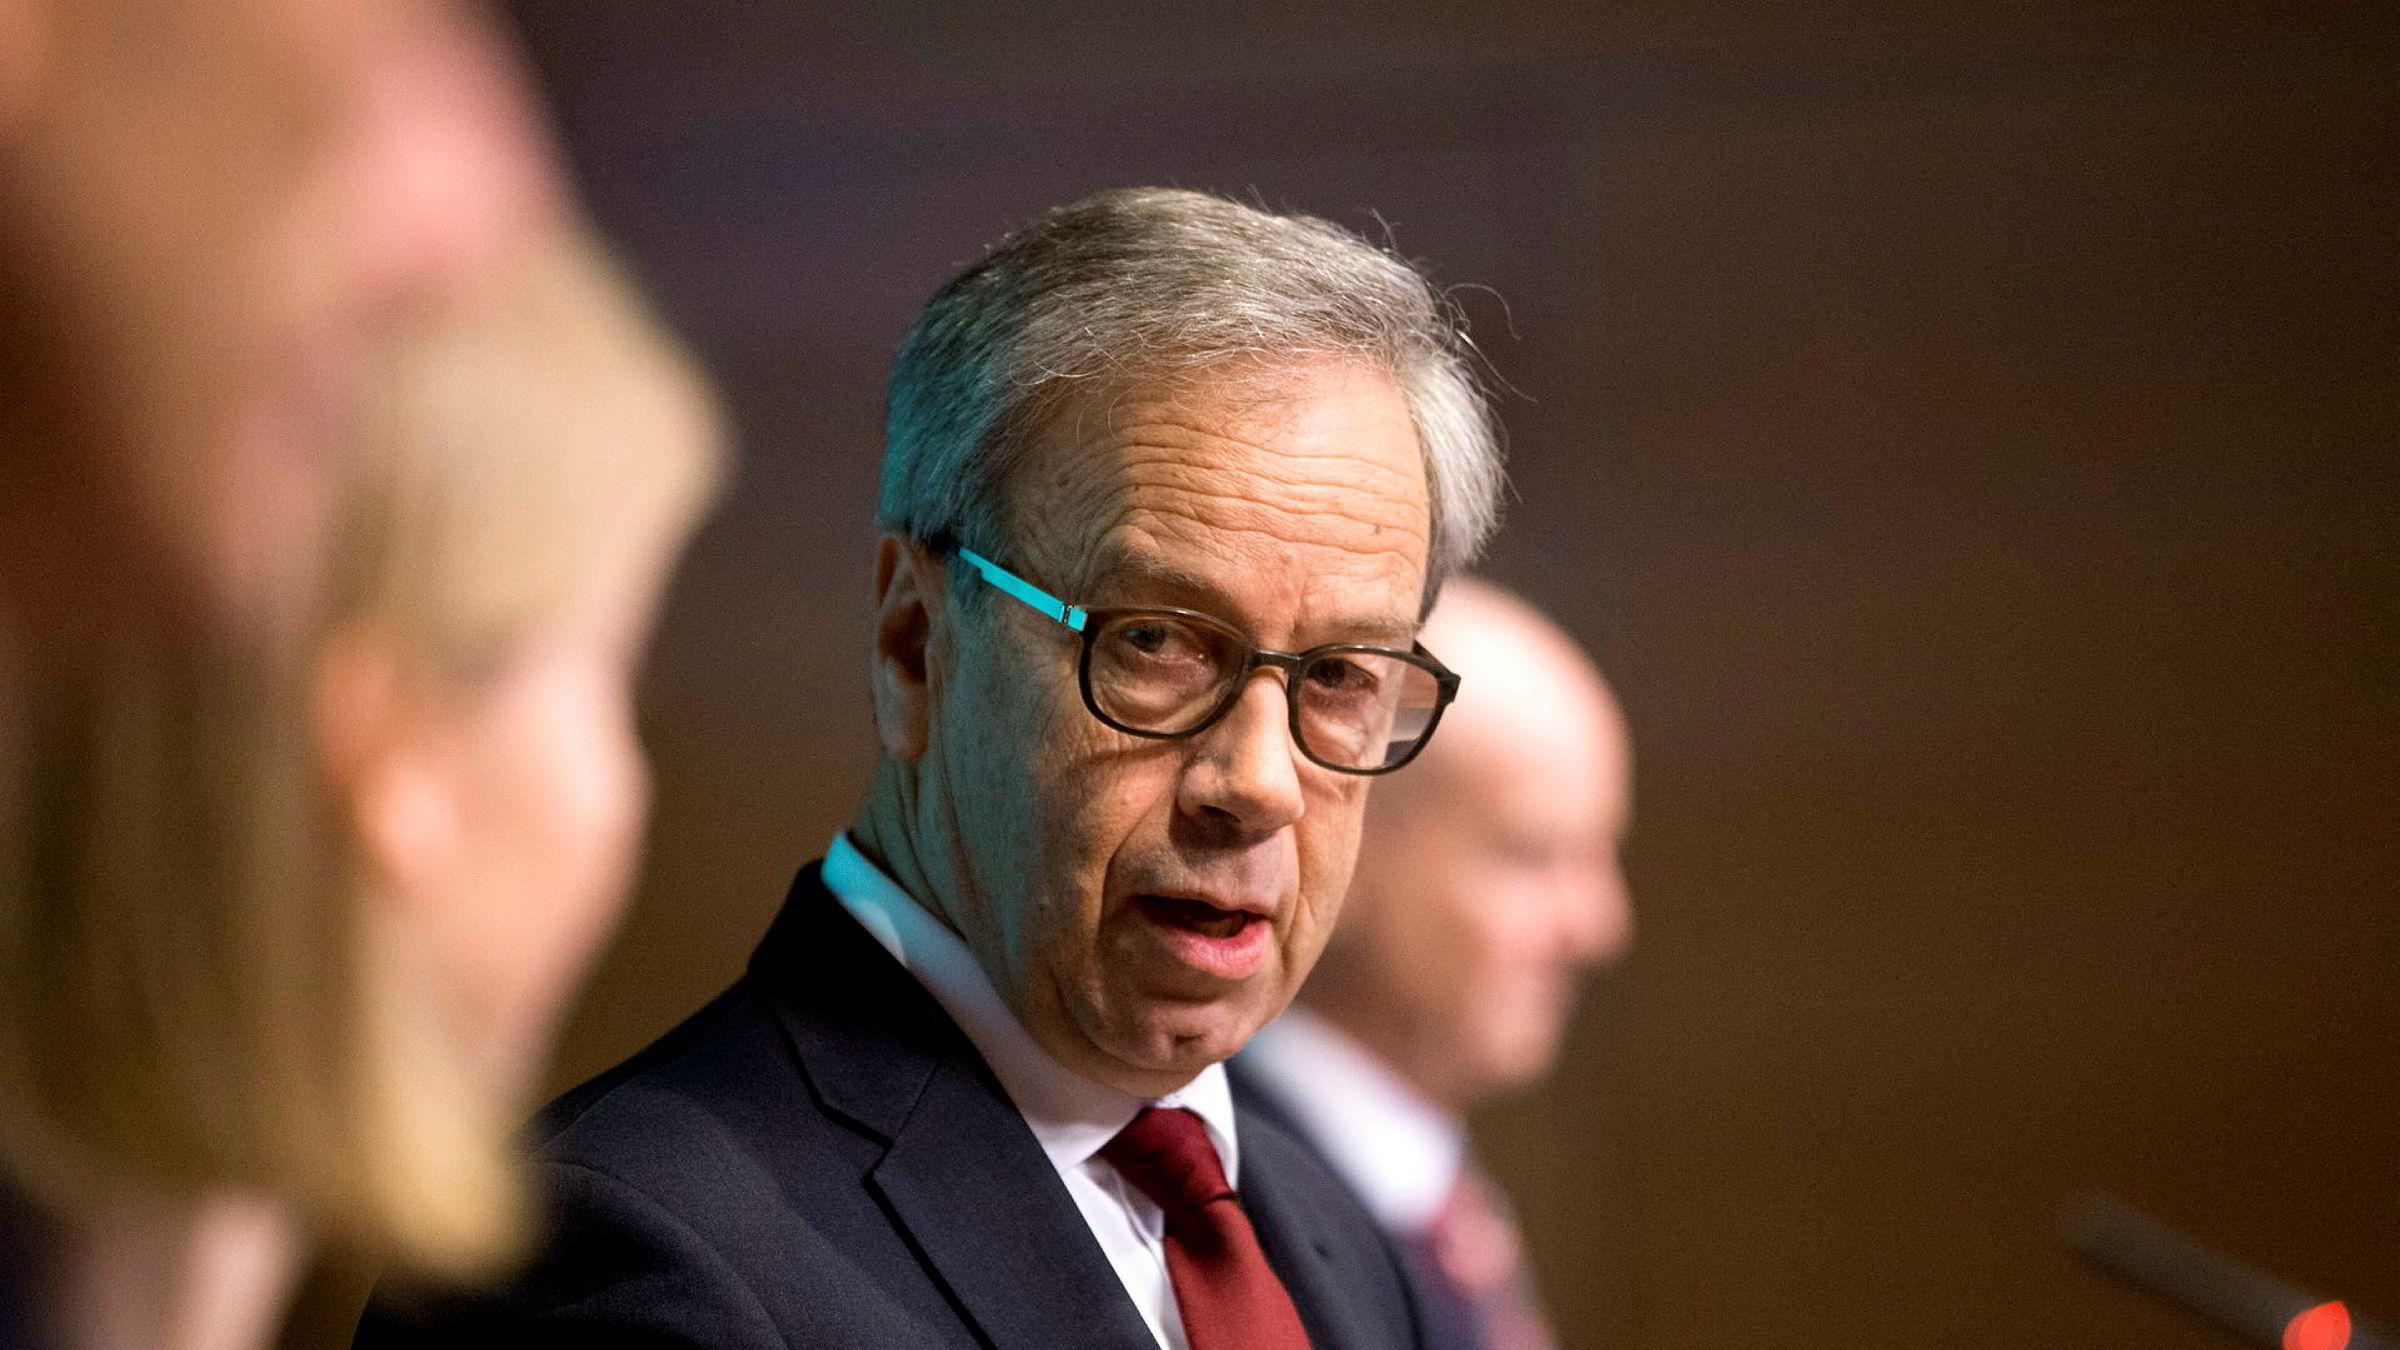 Torsdag legger sentralbanksjef Øystein Olsen frem Norges Banks rentebeslutning.